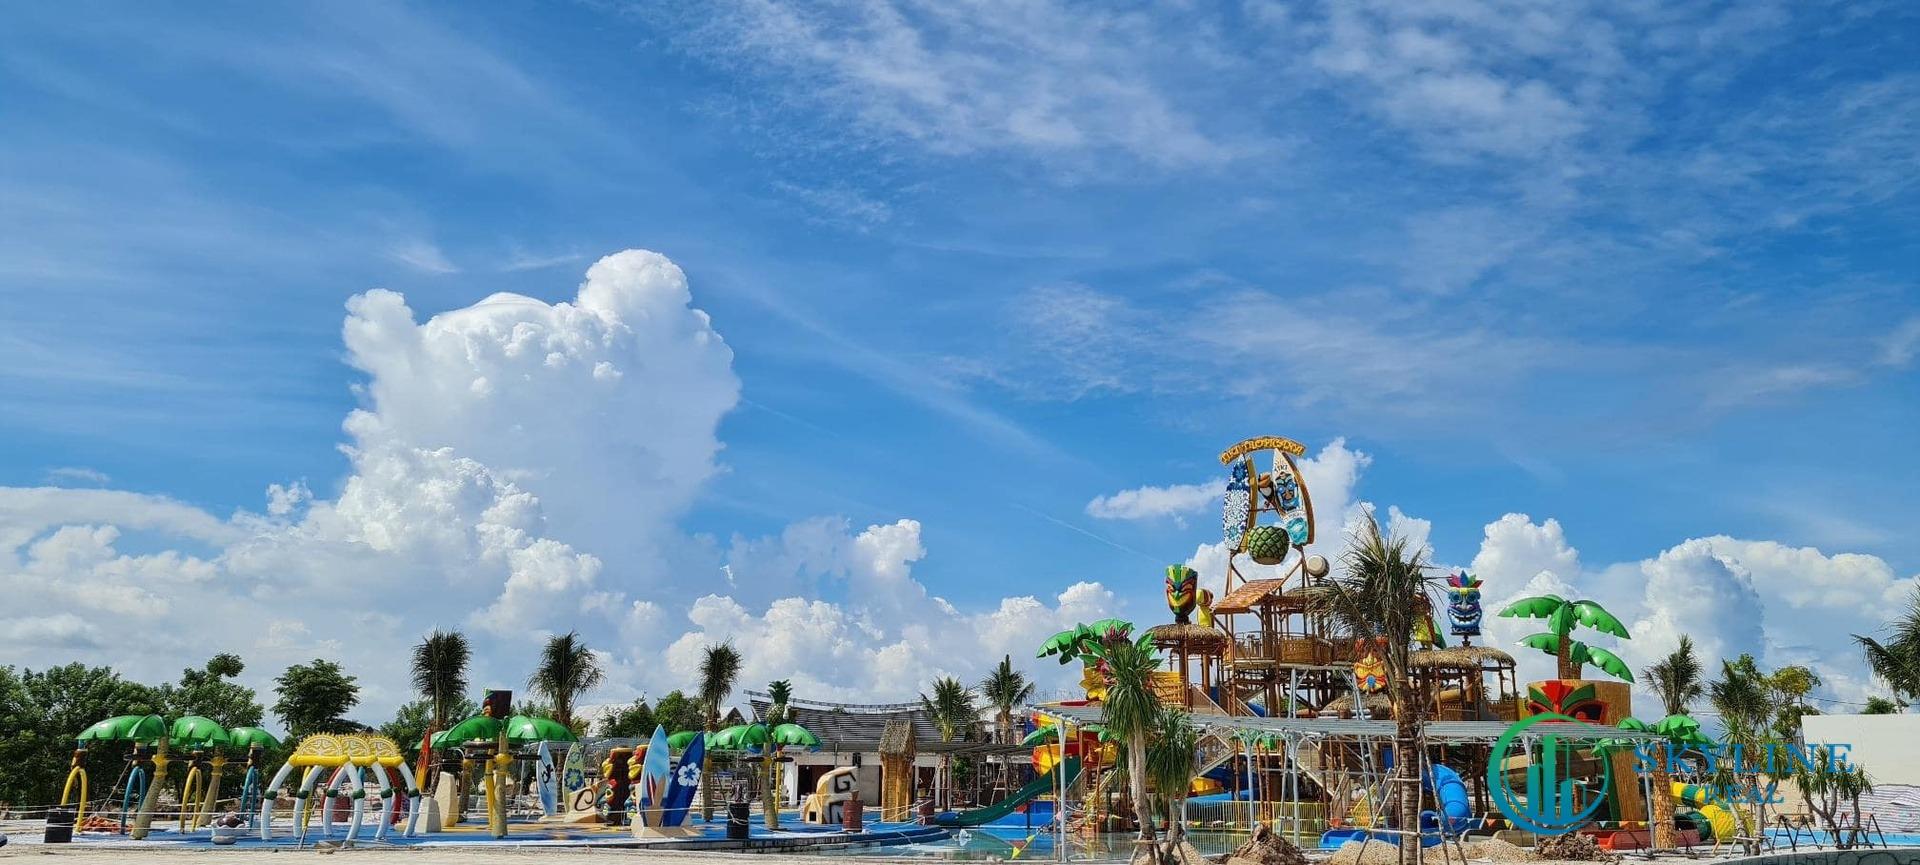 Tropicana Park hứa hẹn mang đến trải nghiệm đa dạng cho du khách qua những trò chơi hấp dẫn